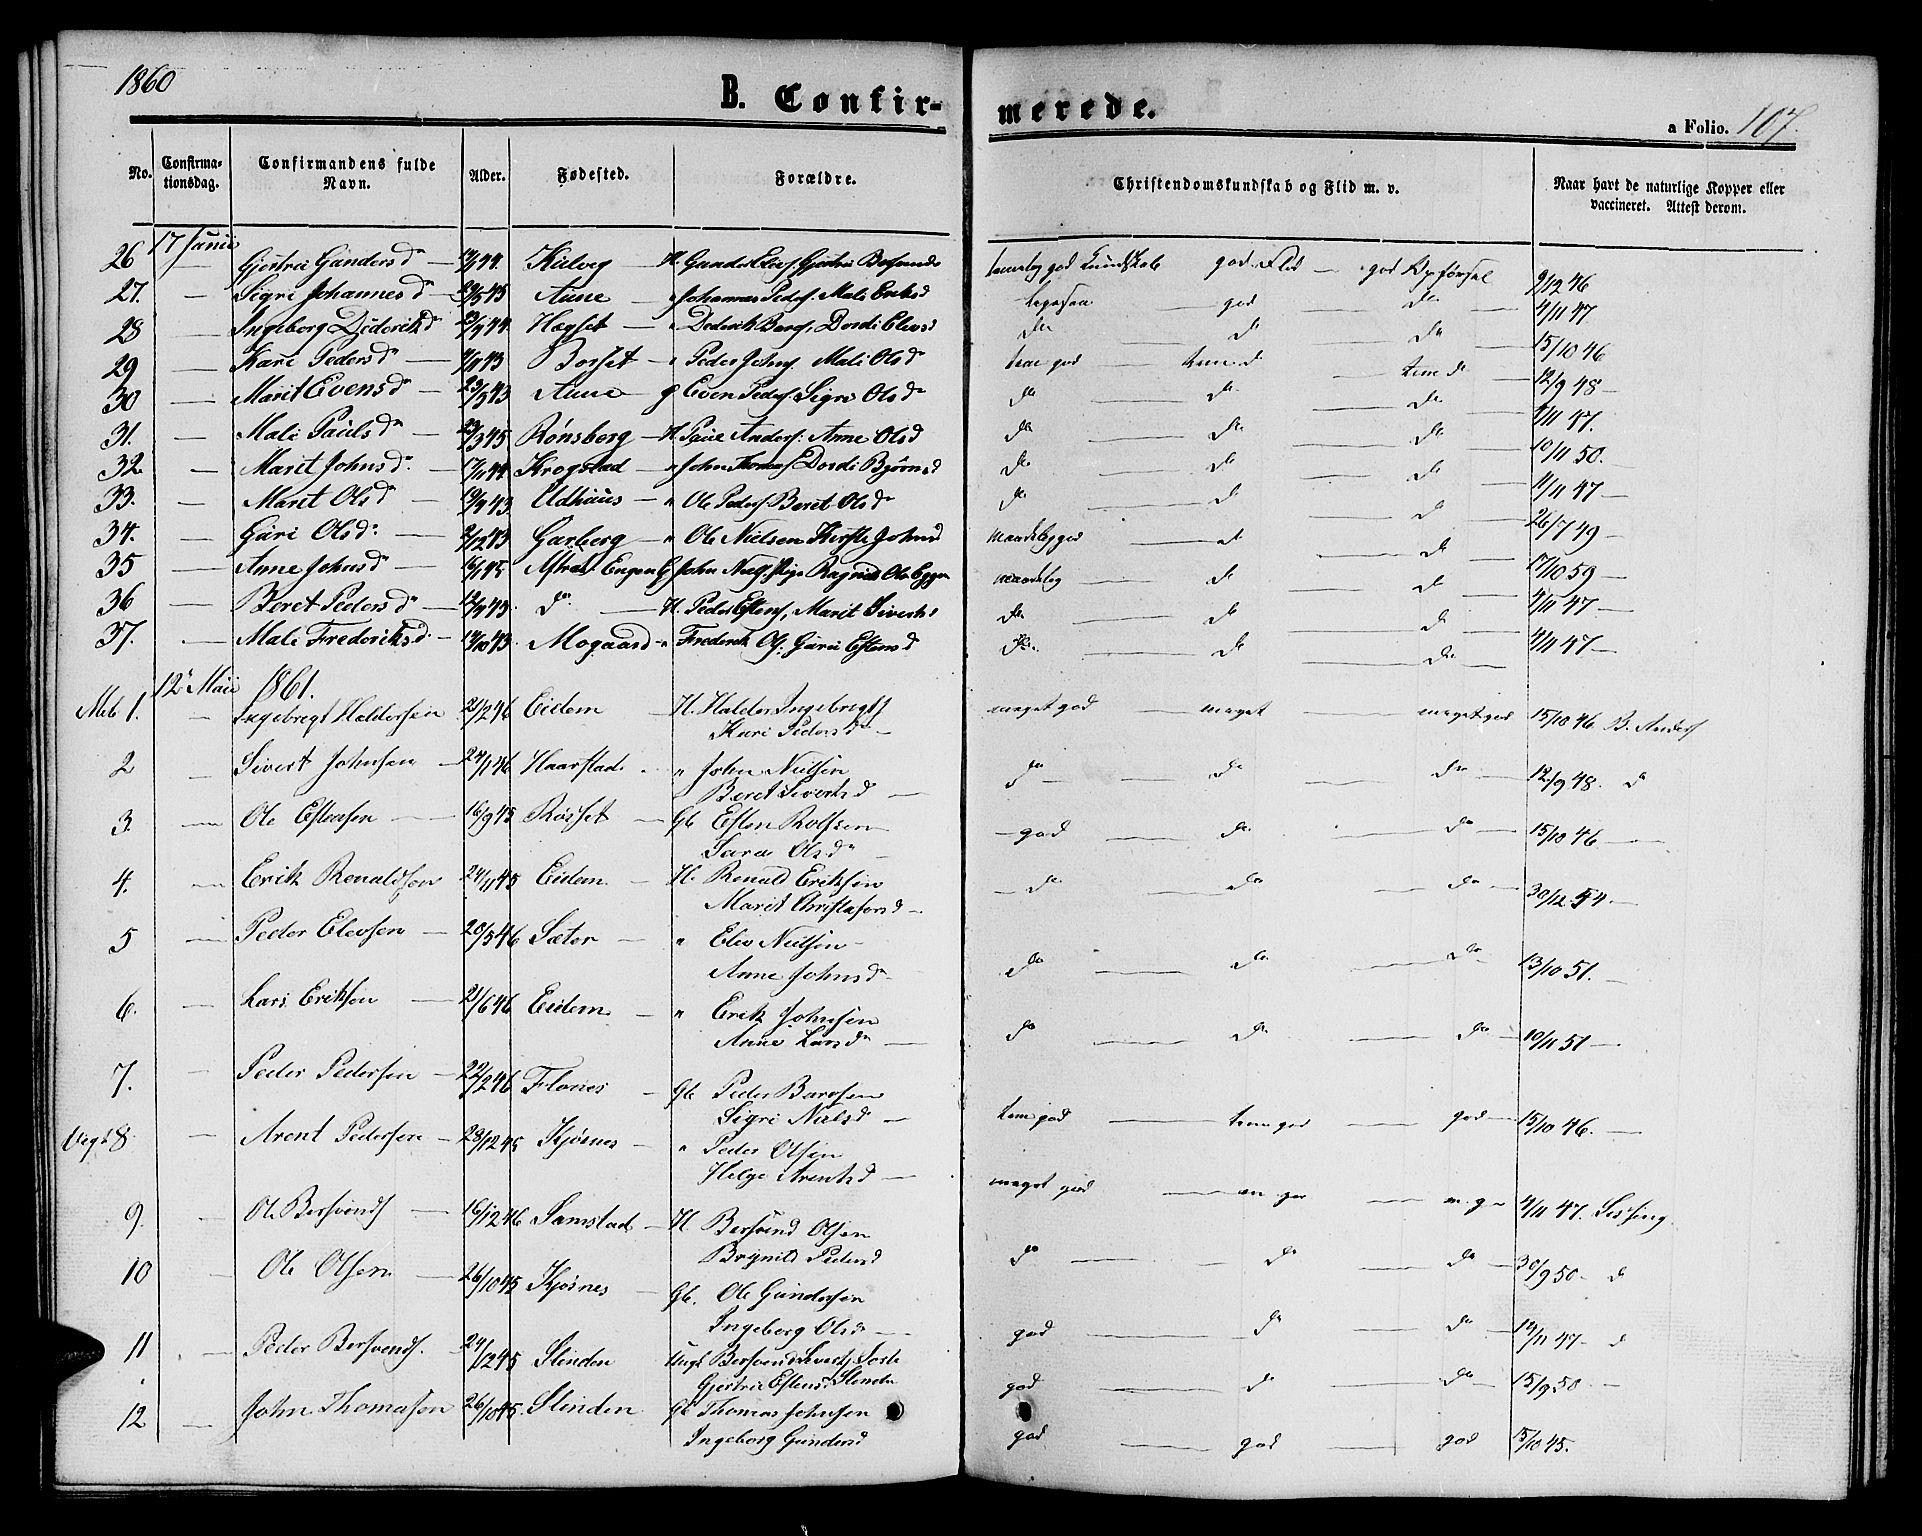 SAT, Ministerialprotokoller, klokkerbøker og fødselsregistre - Sør-Trøndelag, 695/L1155: Klokkerbok nr. 695C06, 1859-1868, s. 107